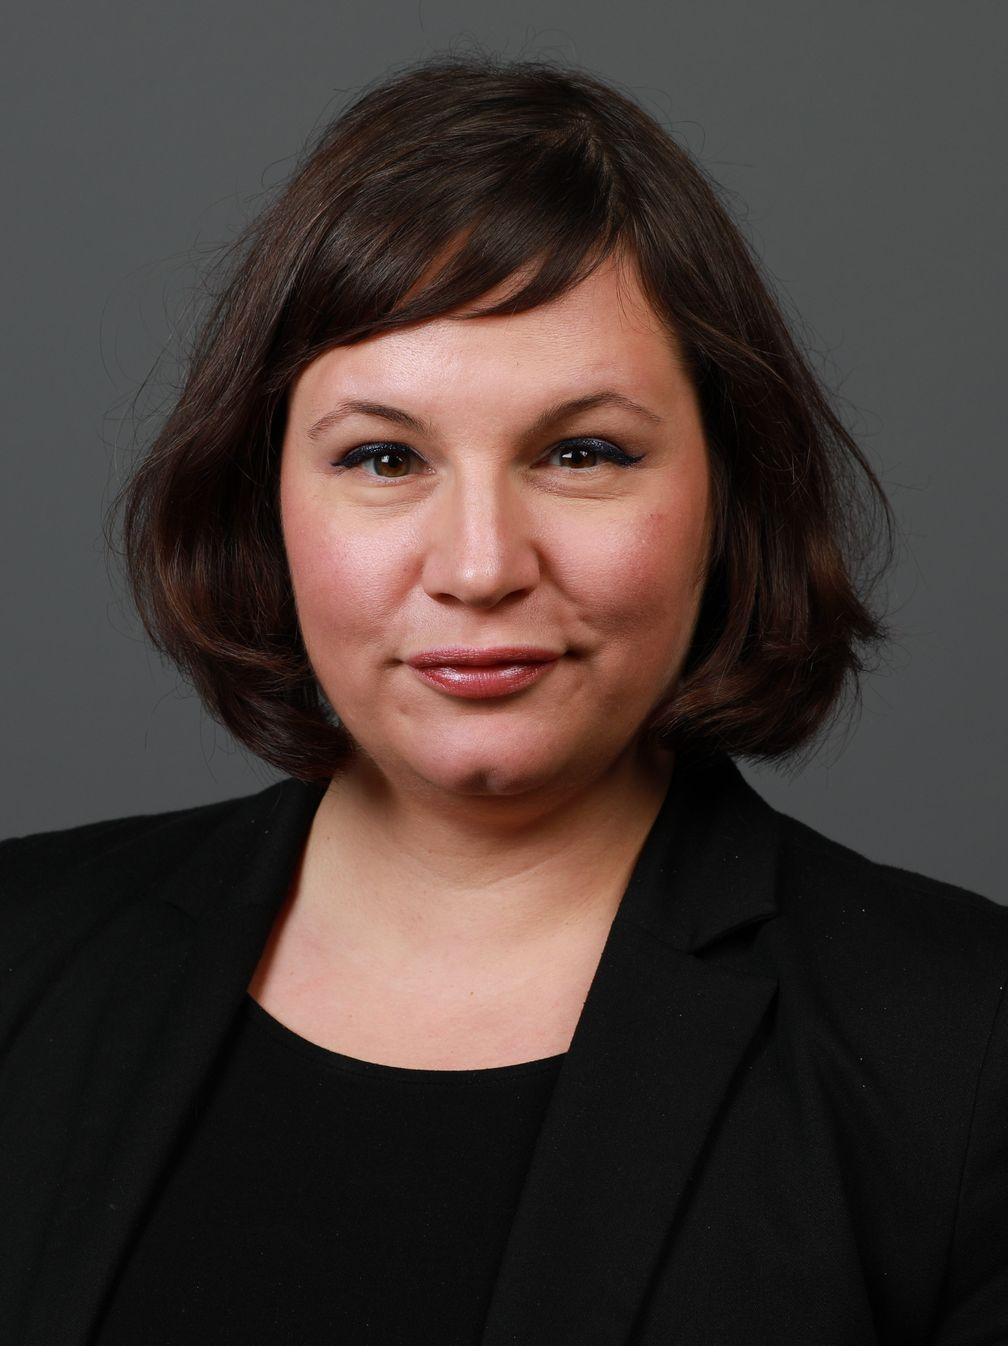 Antje Kapek (2017), Archivbild